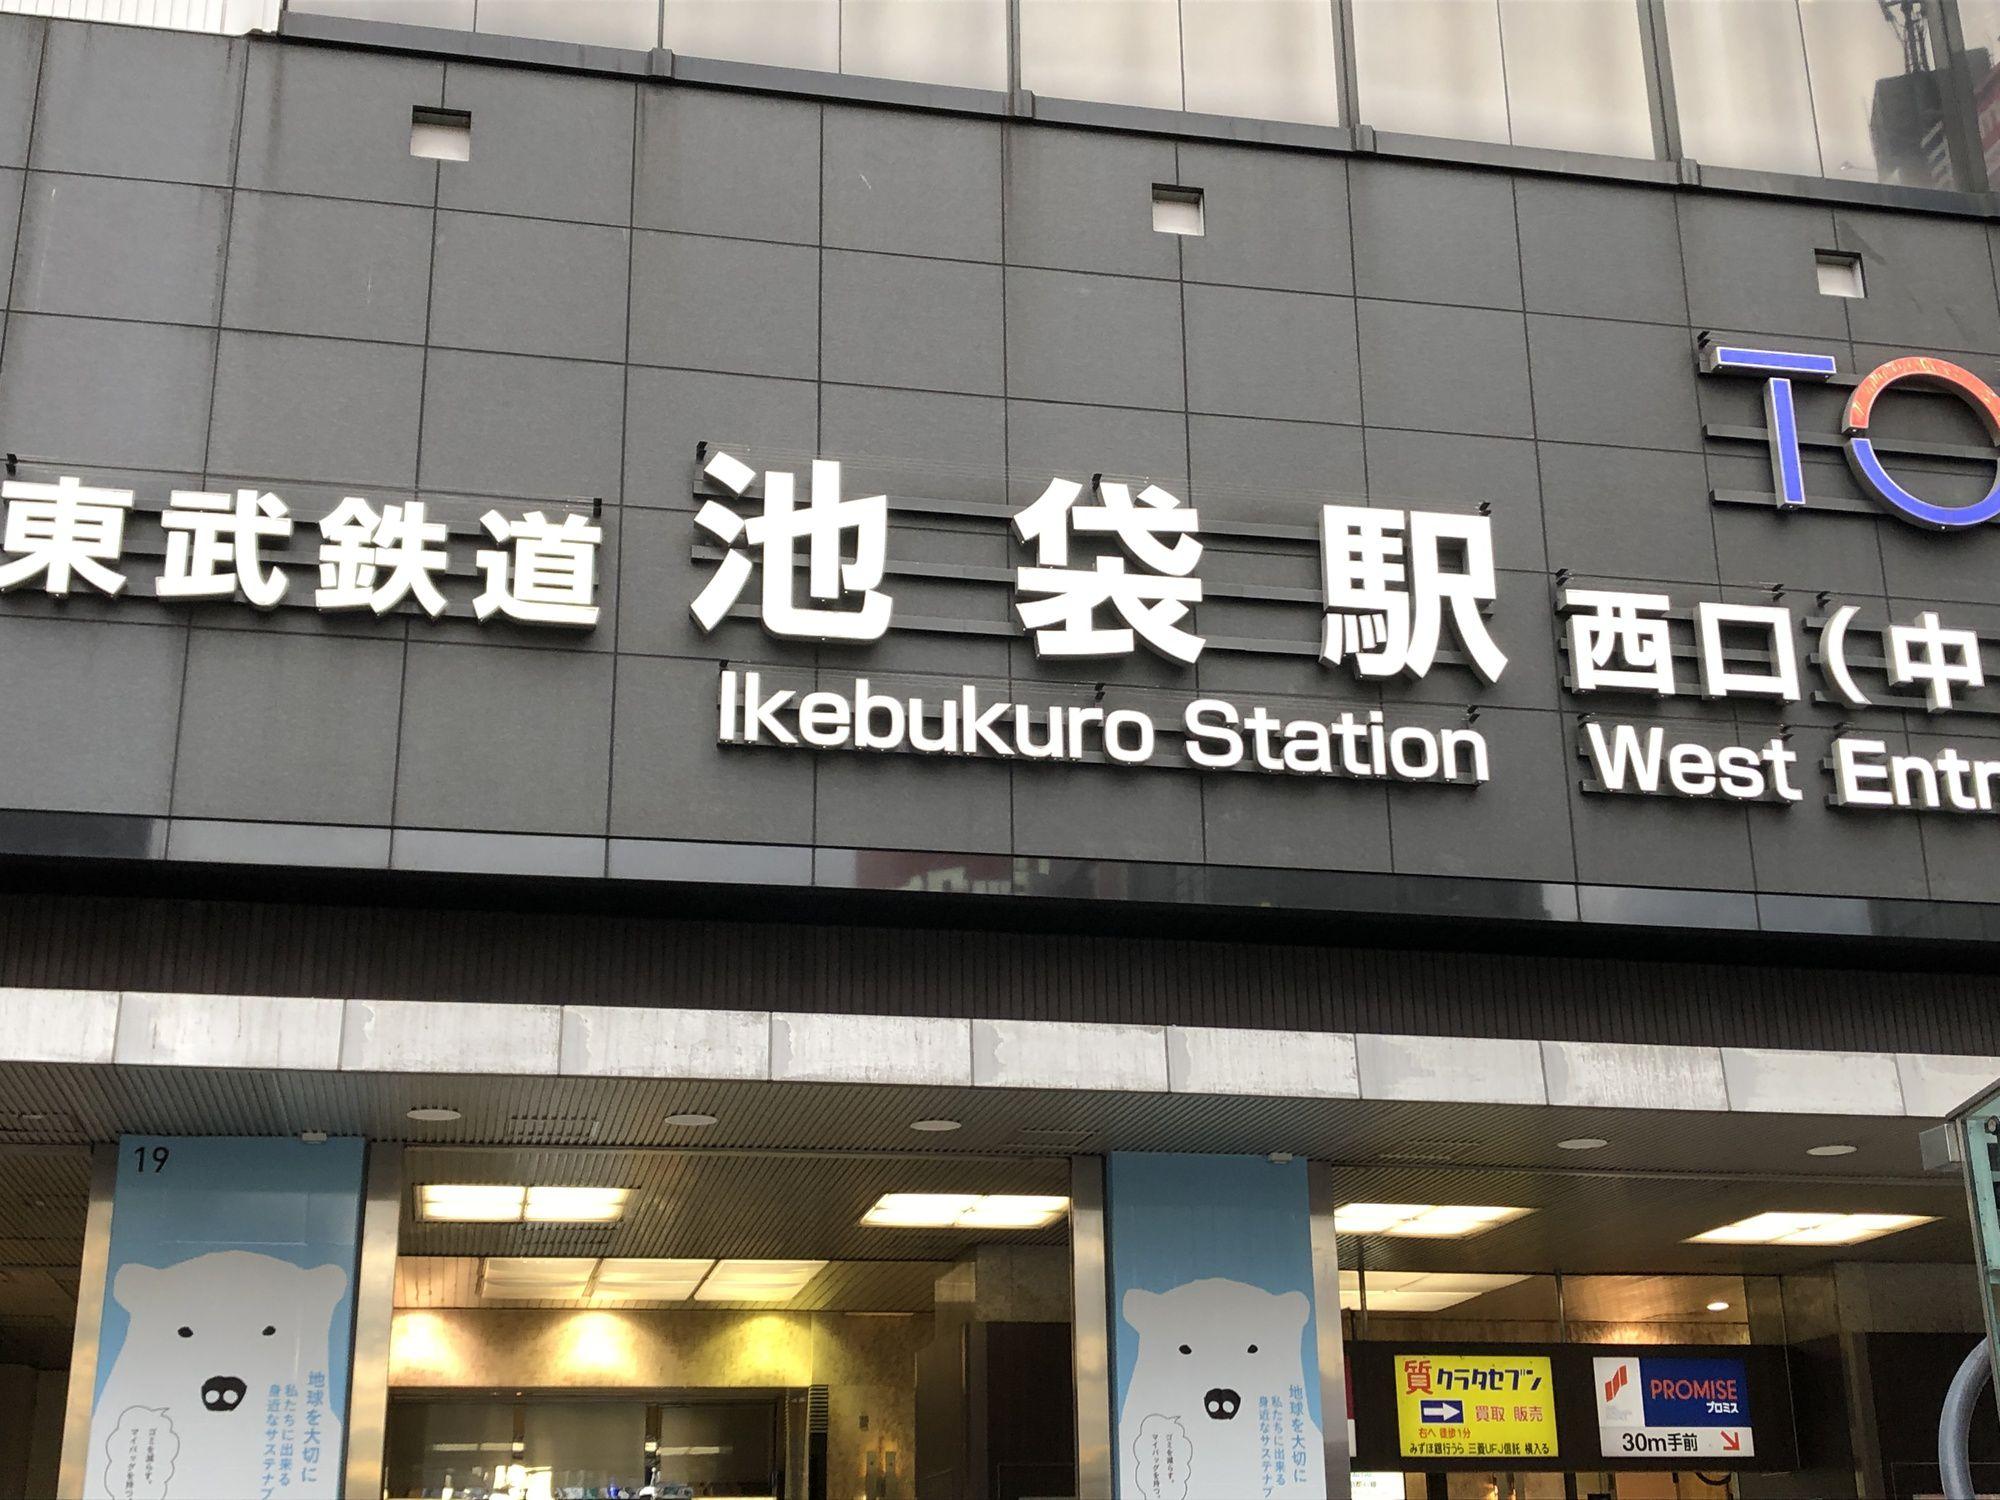 東武東上線で不動産を探す!池袋駅の特徴とメリット・デメリット